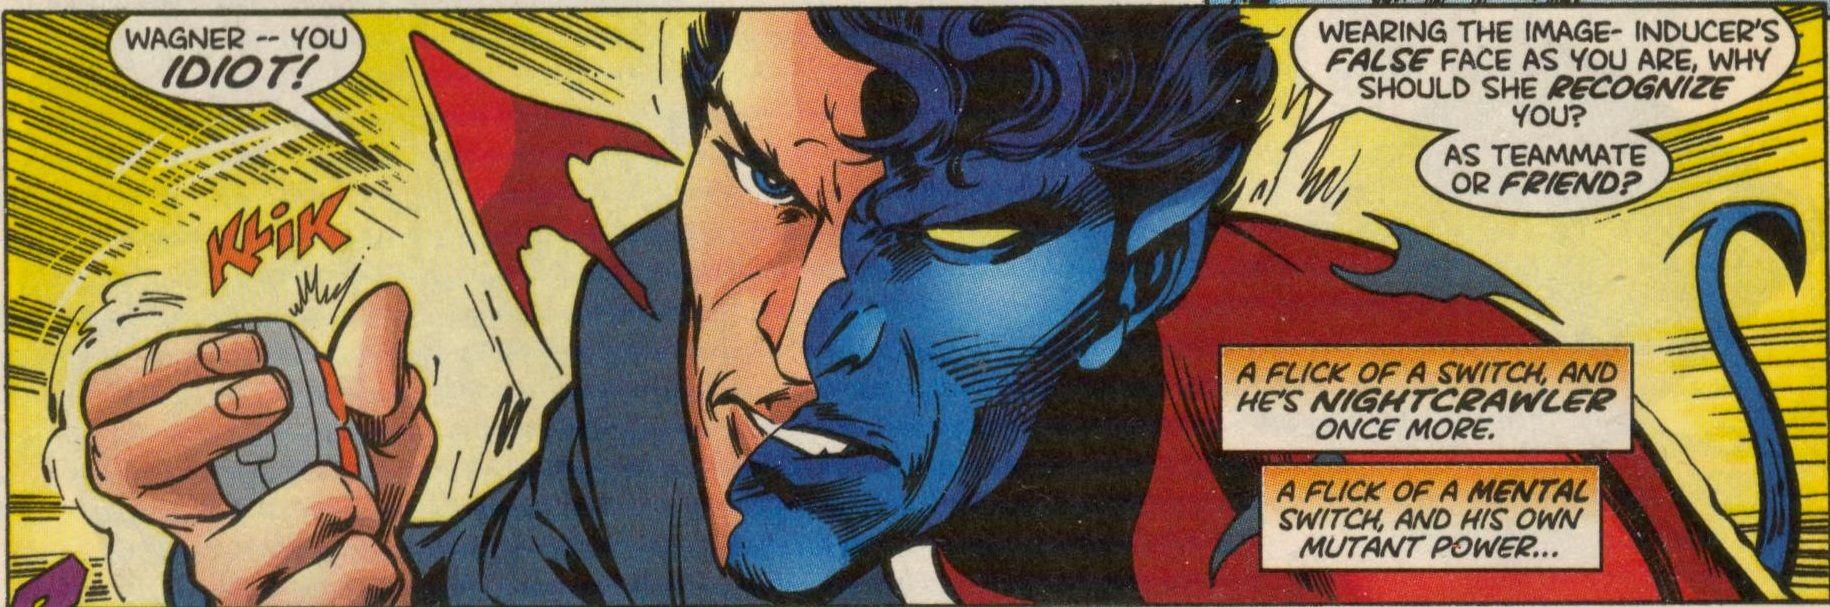 Image Inducer From X Men 93 Oct 1999 Nightcrawler Nightcrawler X Men Splash Page